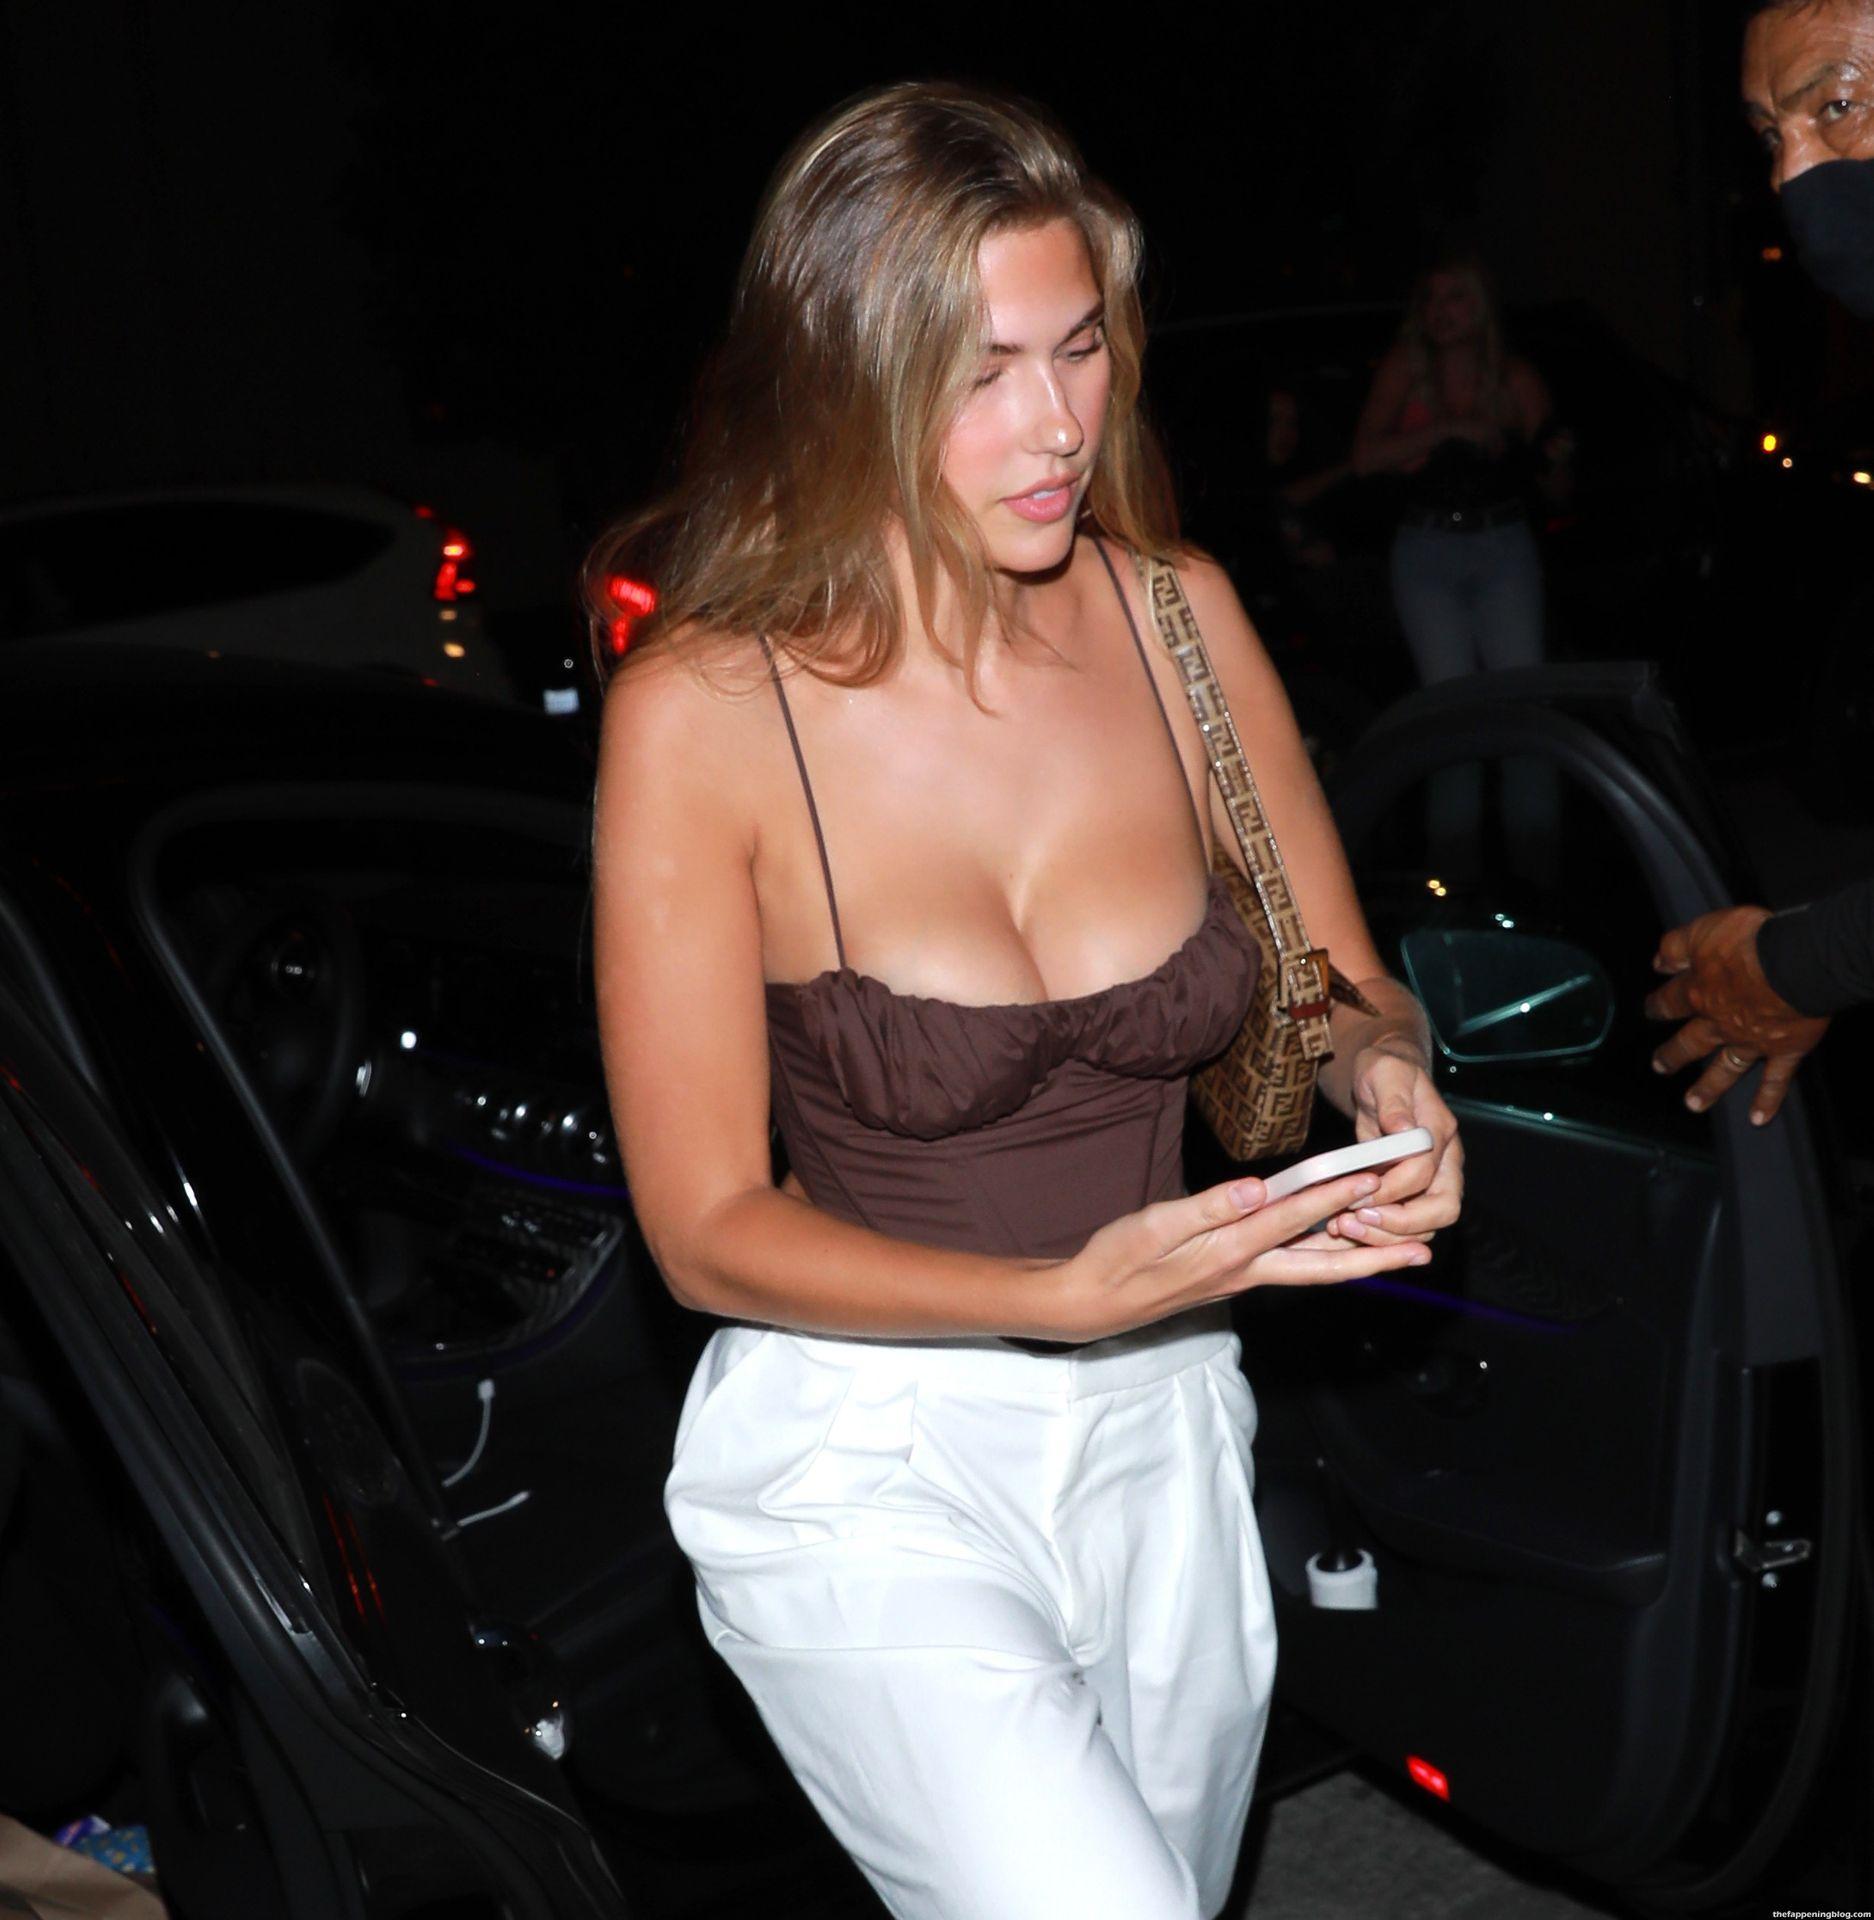 Kara-Del-Toro-Sexy-11-thefappeningblog.com1_.jpg